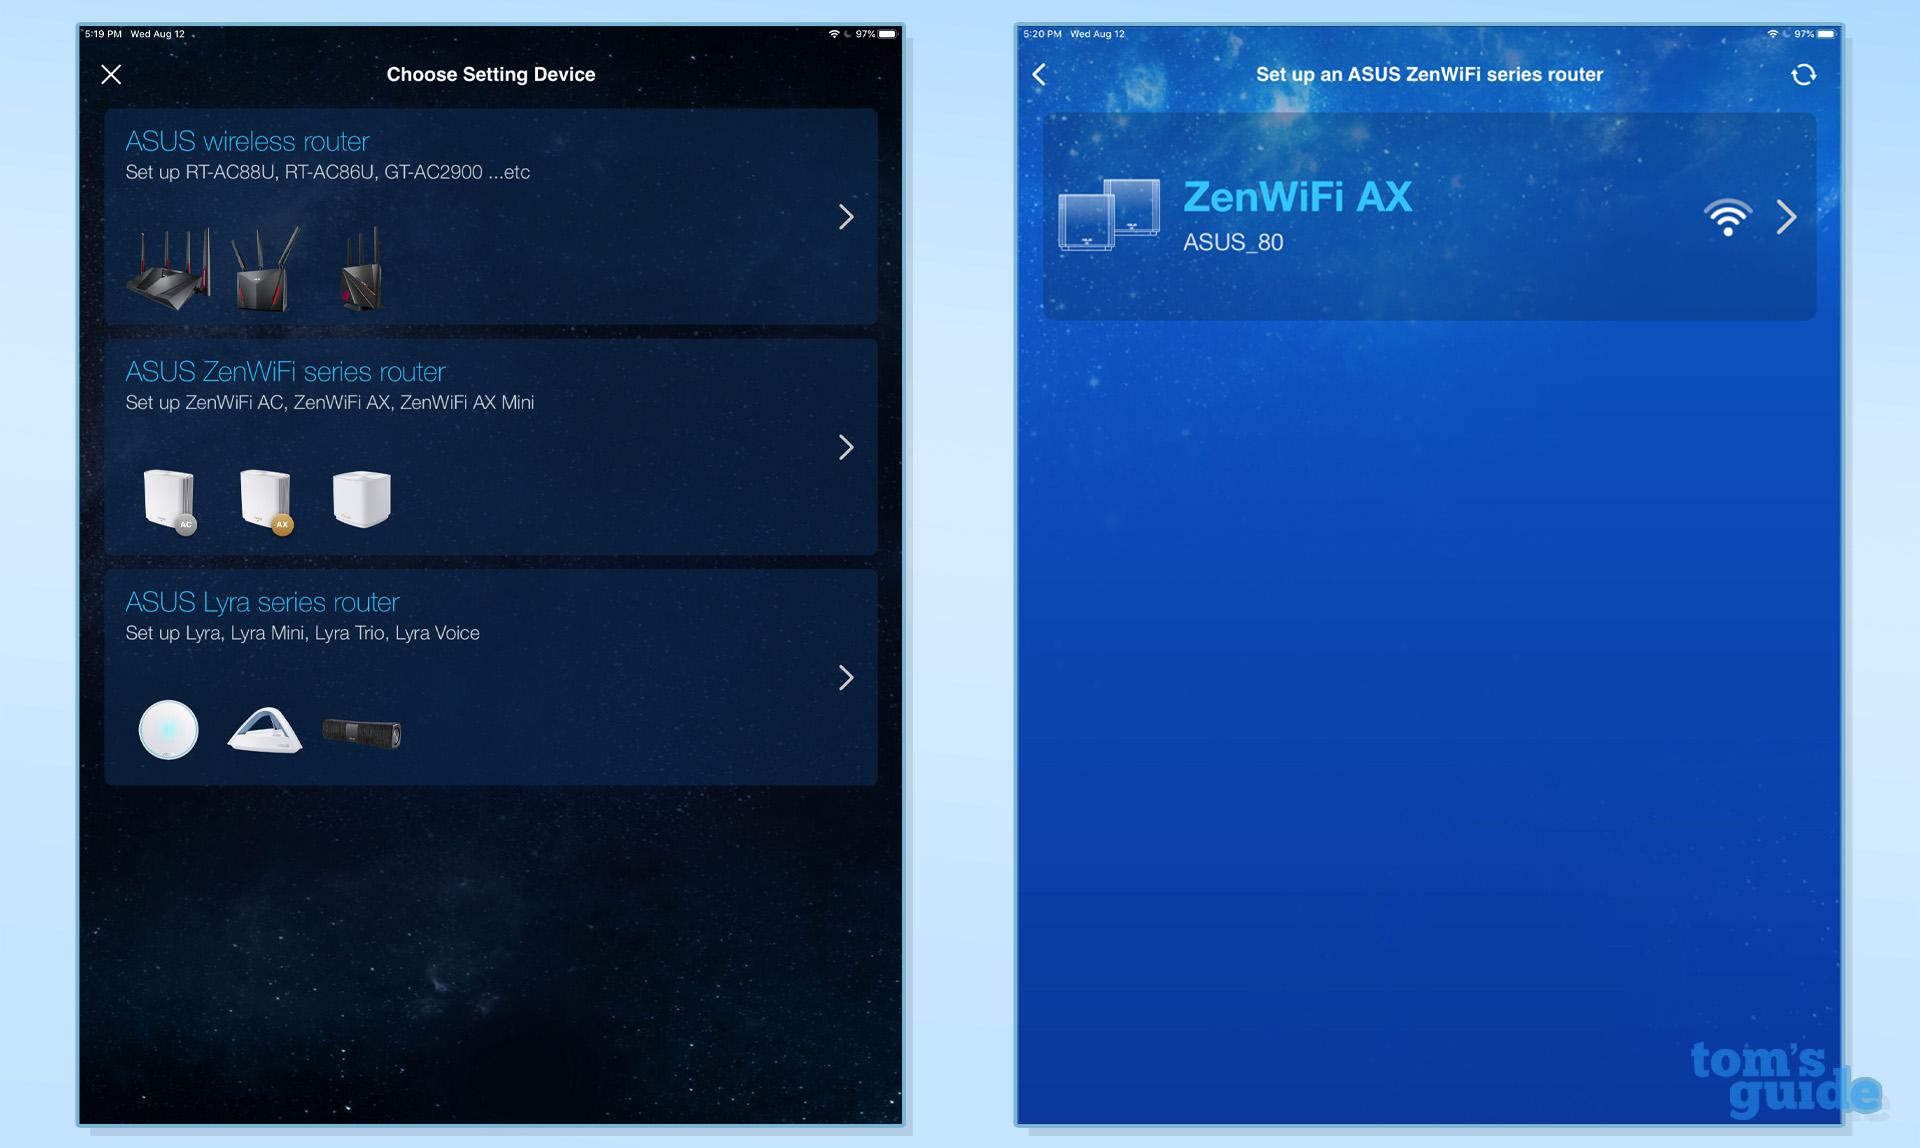 Asus ZenWiFi AX (XT8) review